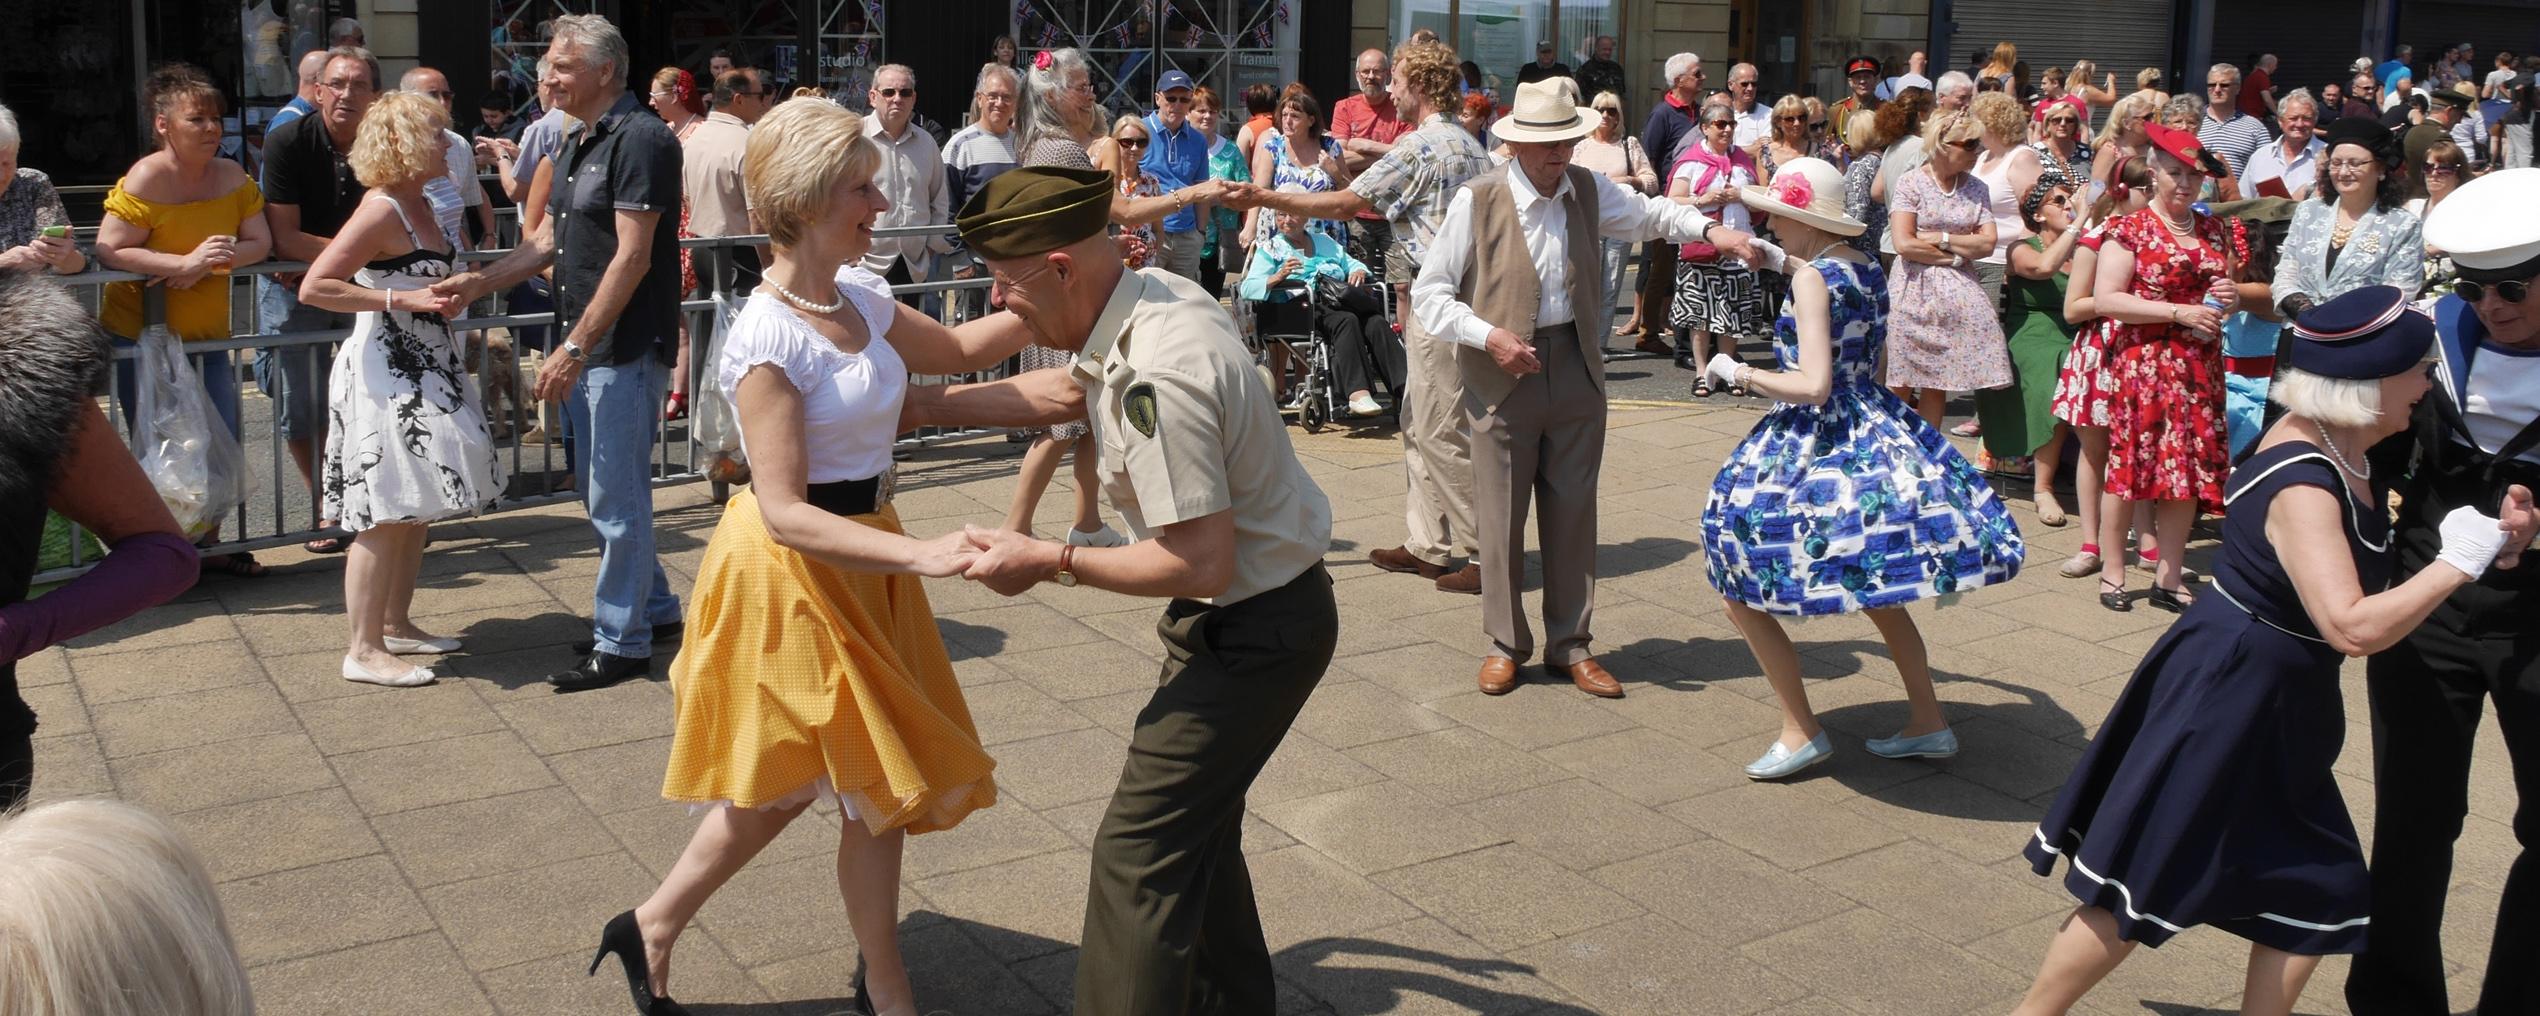 Brighouse 1940s Weekend Dancing